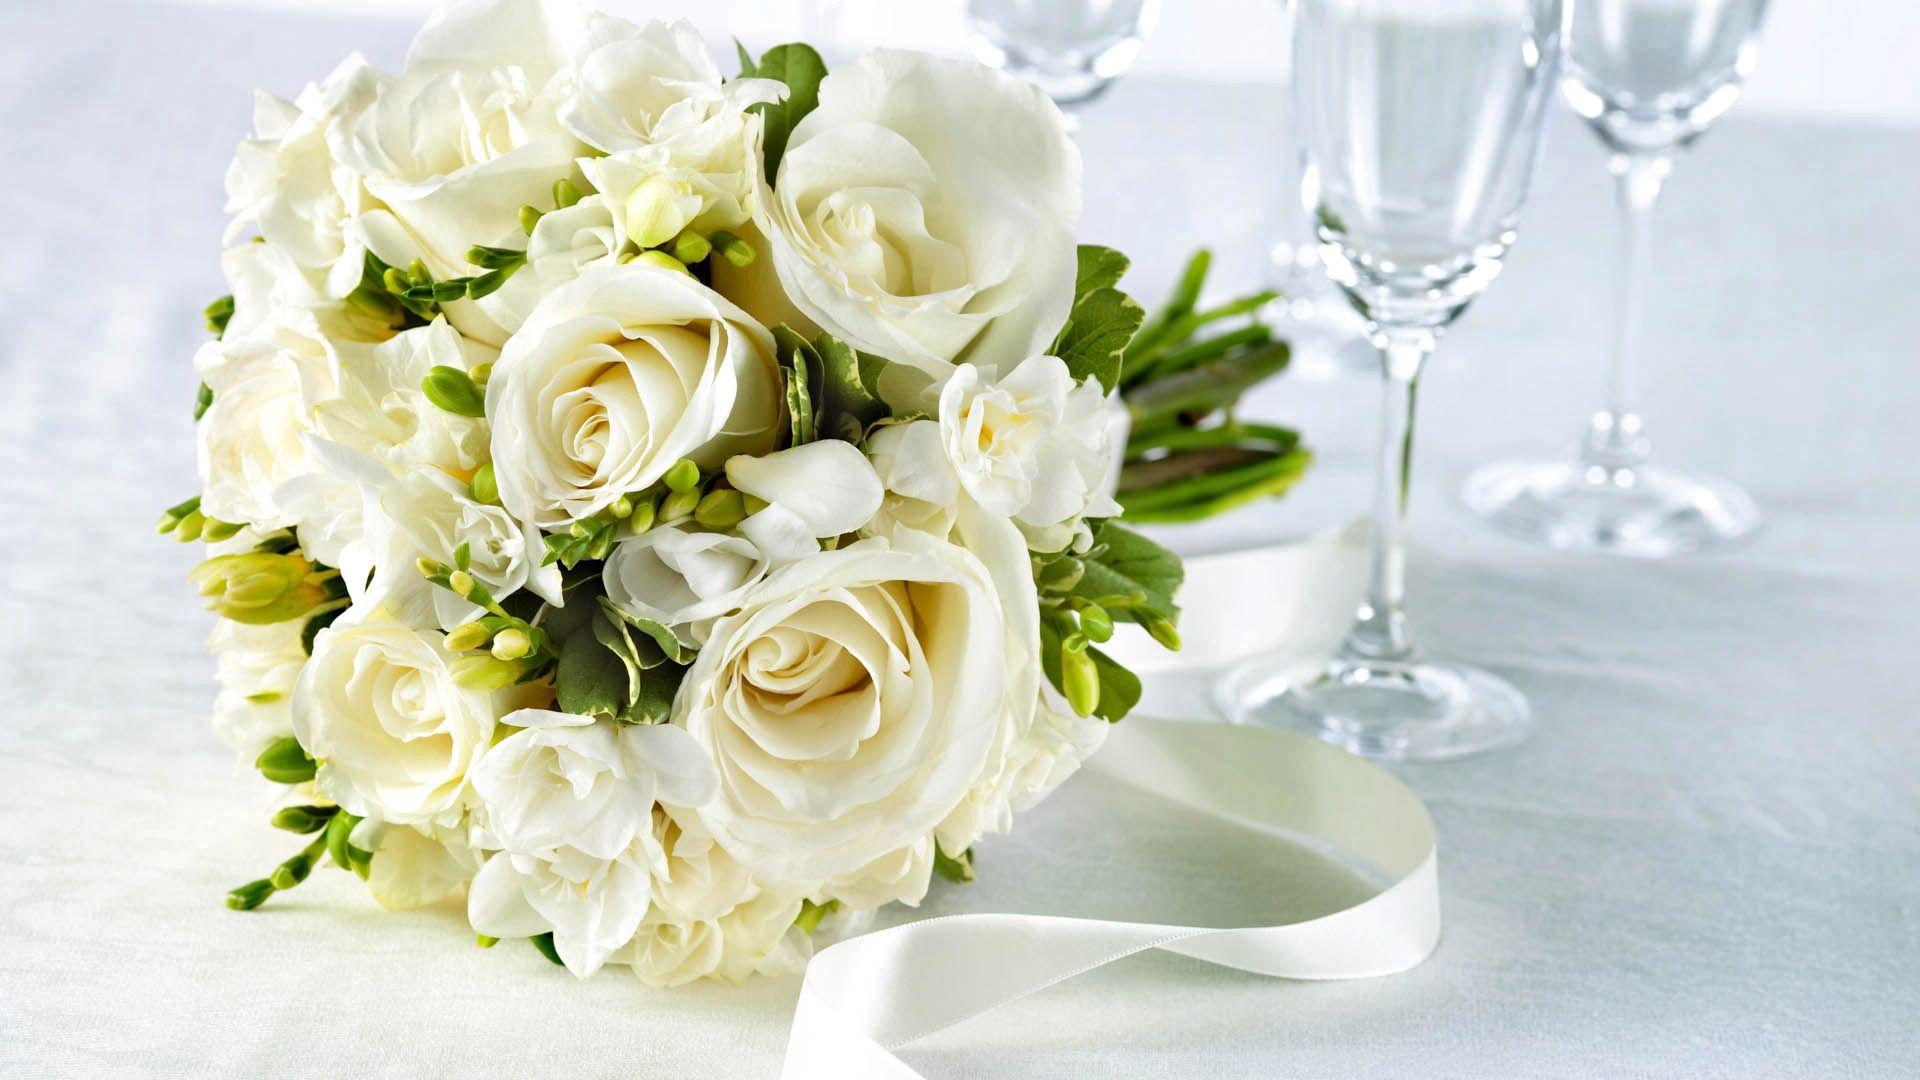 80385 скачать обои Розы, Оформление, Цветы, Букет, Белый - заставки и картинки бесплатно